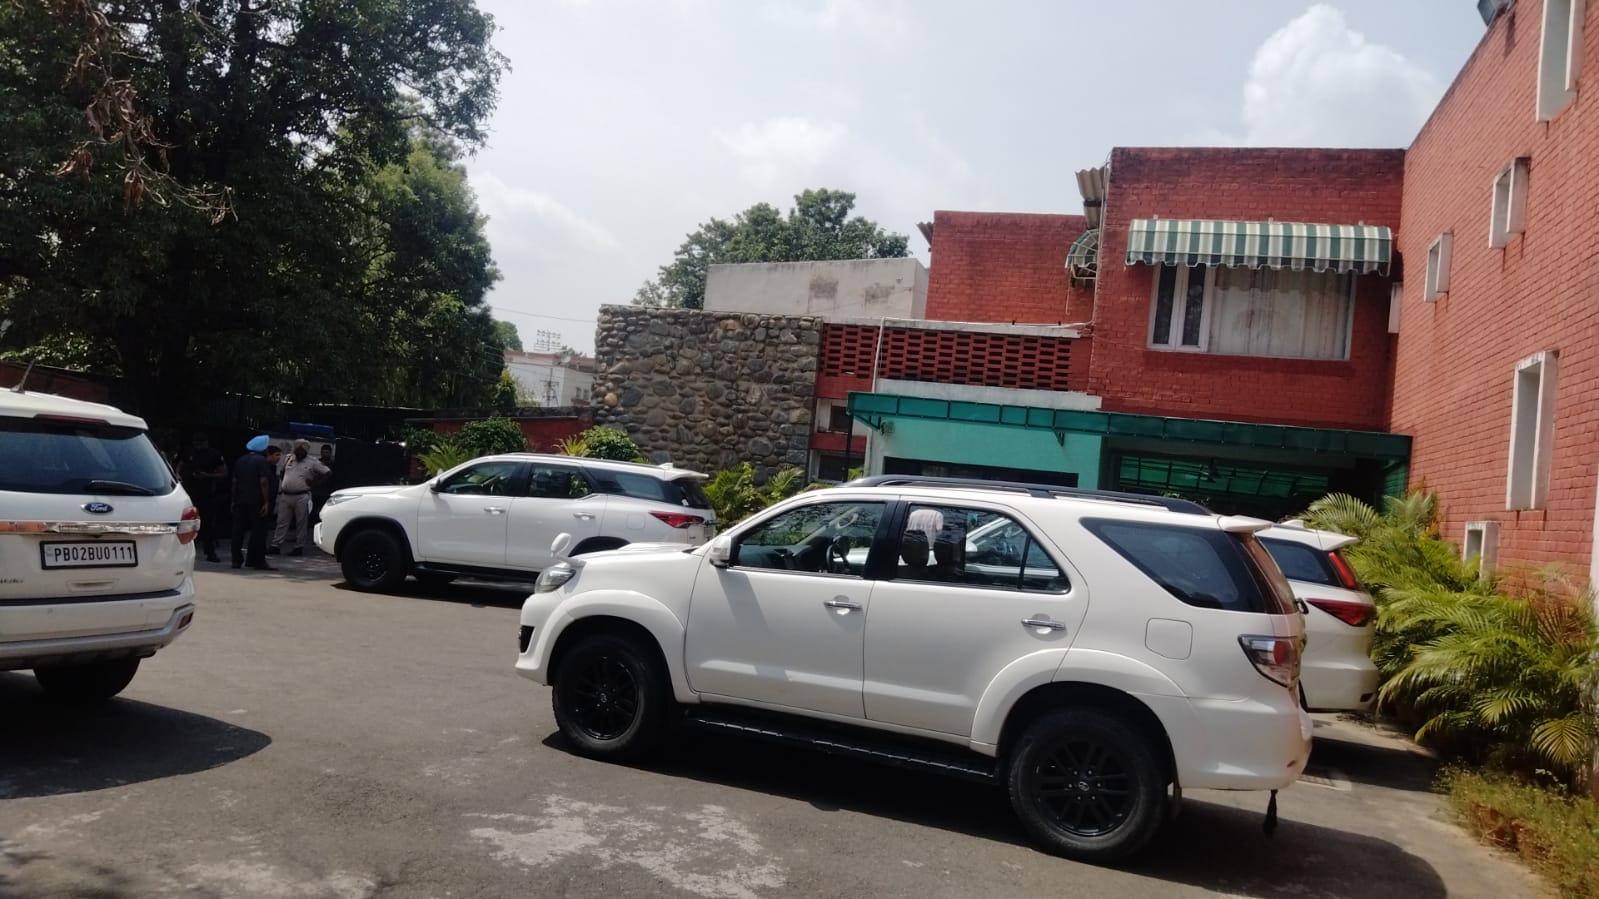 तृप्त राजिंदर बाजवा के घर पर मंगलवार को मीटिंग के लिए पहुंचे मंत्रियों की गाड़ियां।